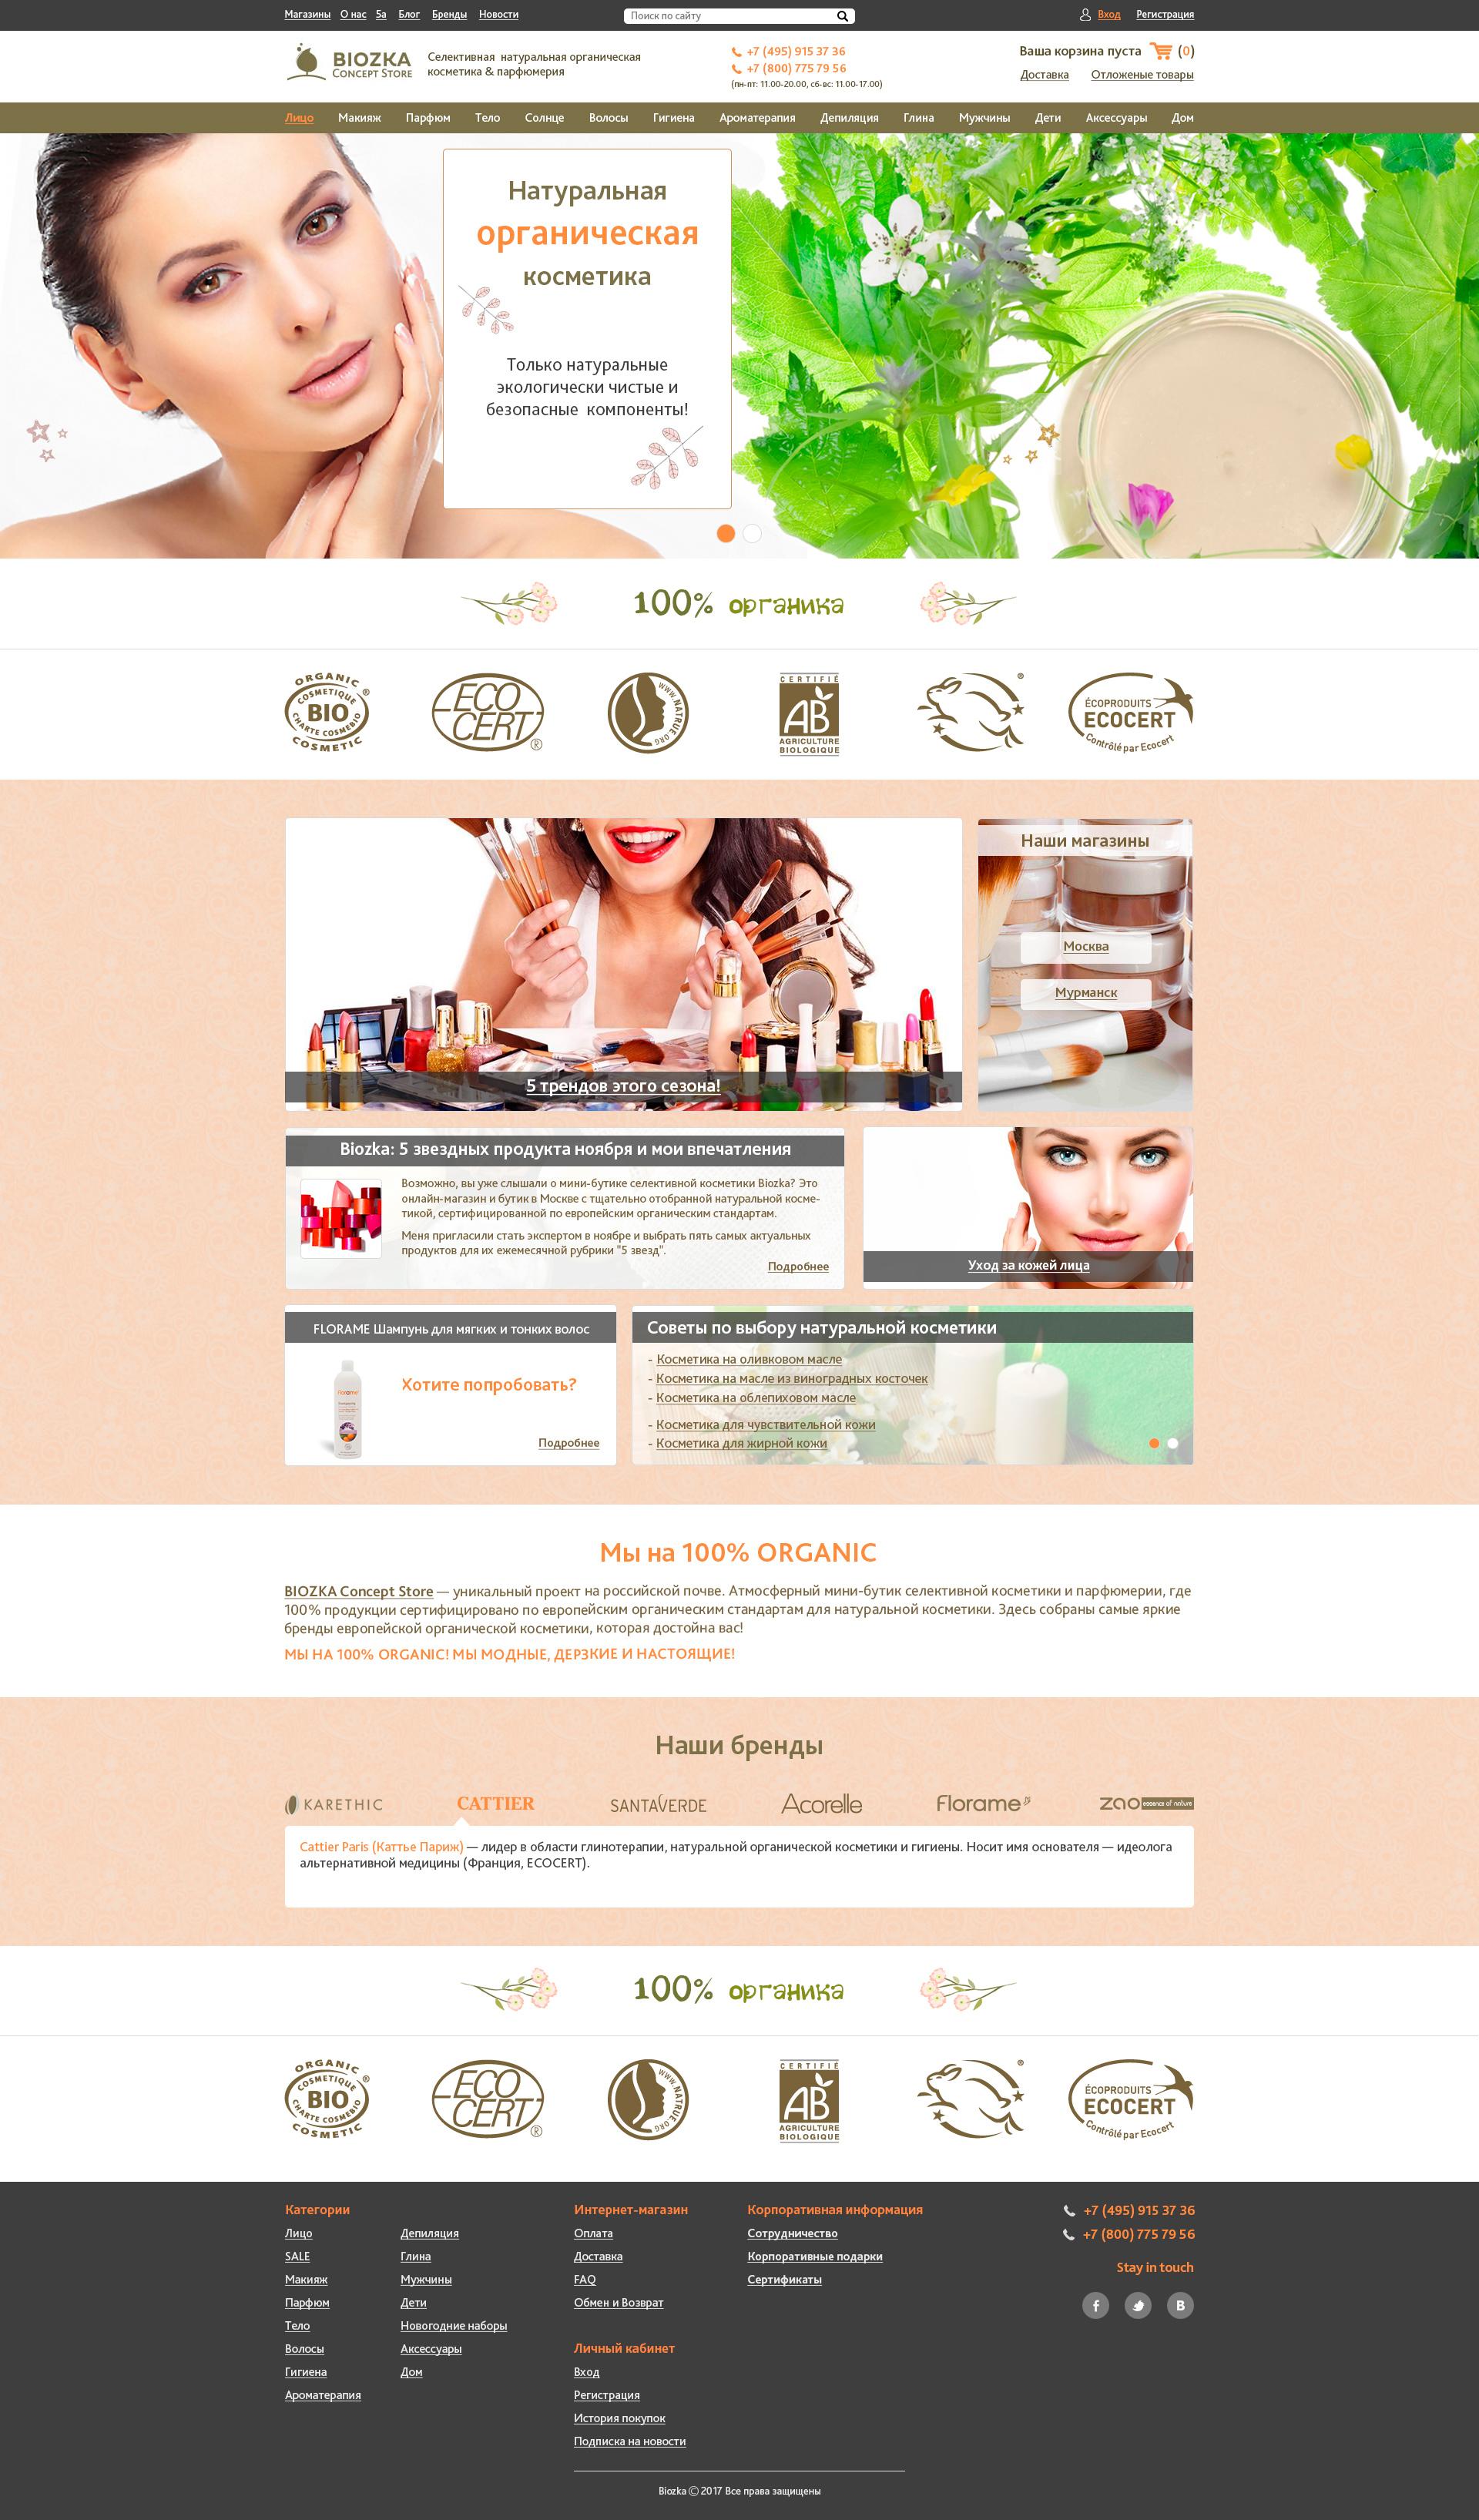 Дизайнер или графический художник для создания дизайна сайта фото f_5425875070a83482.jpg